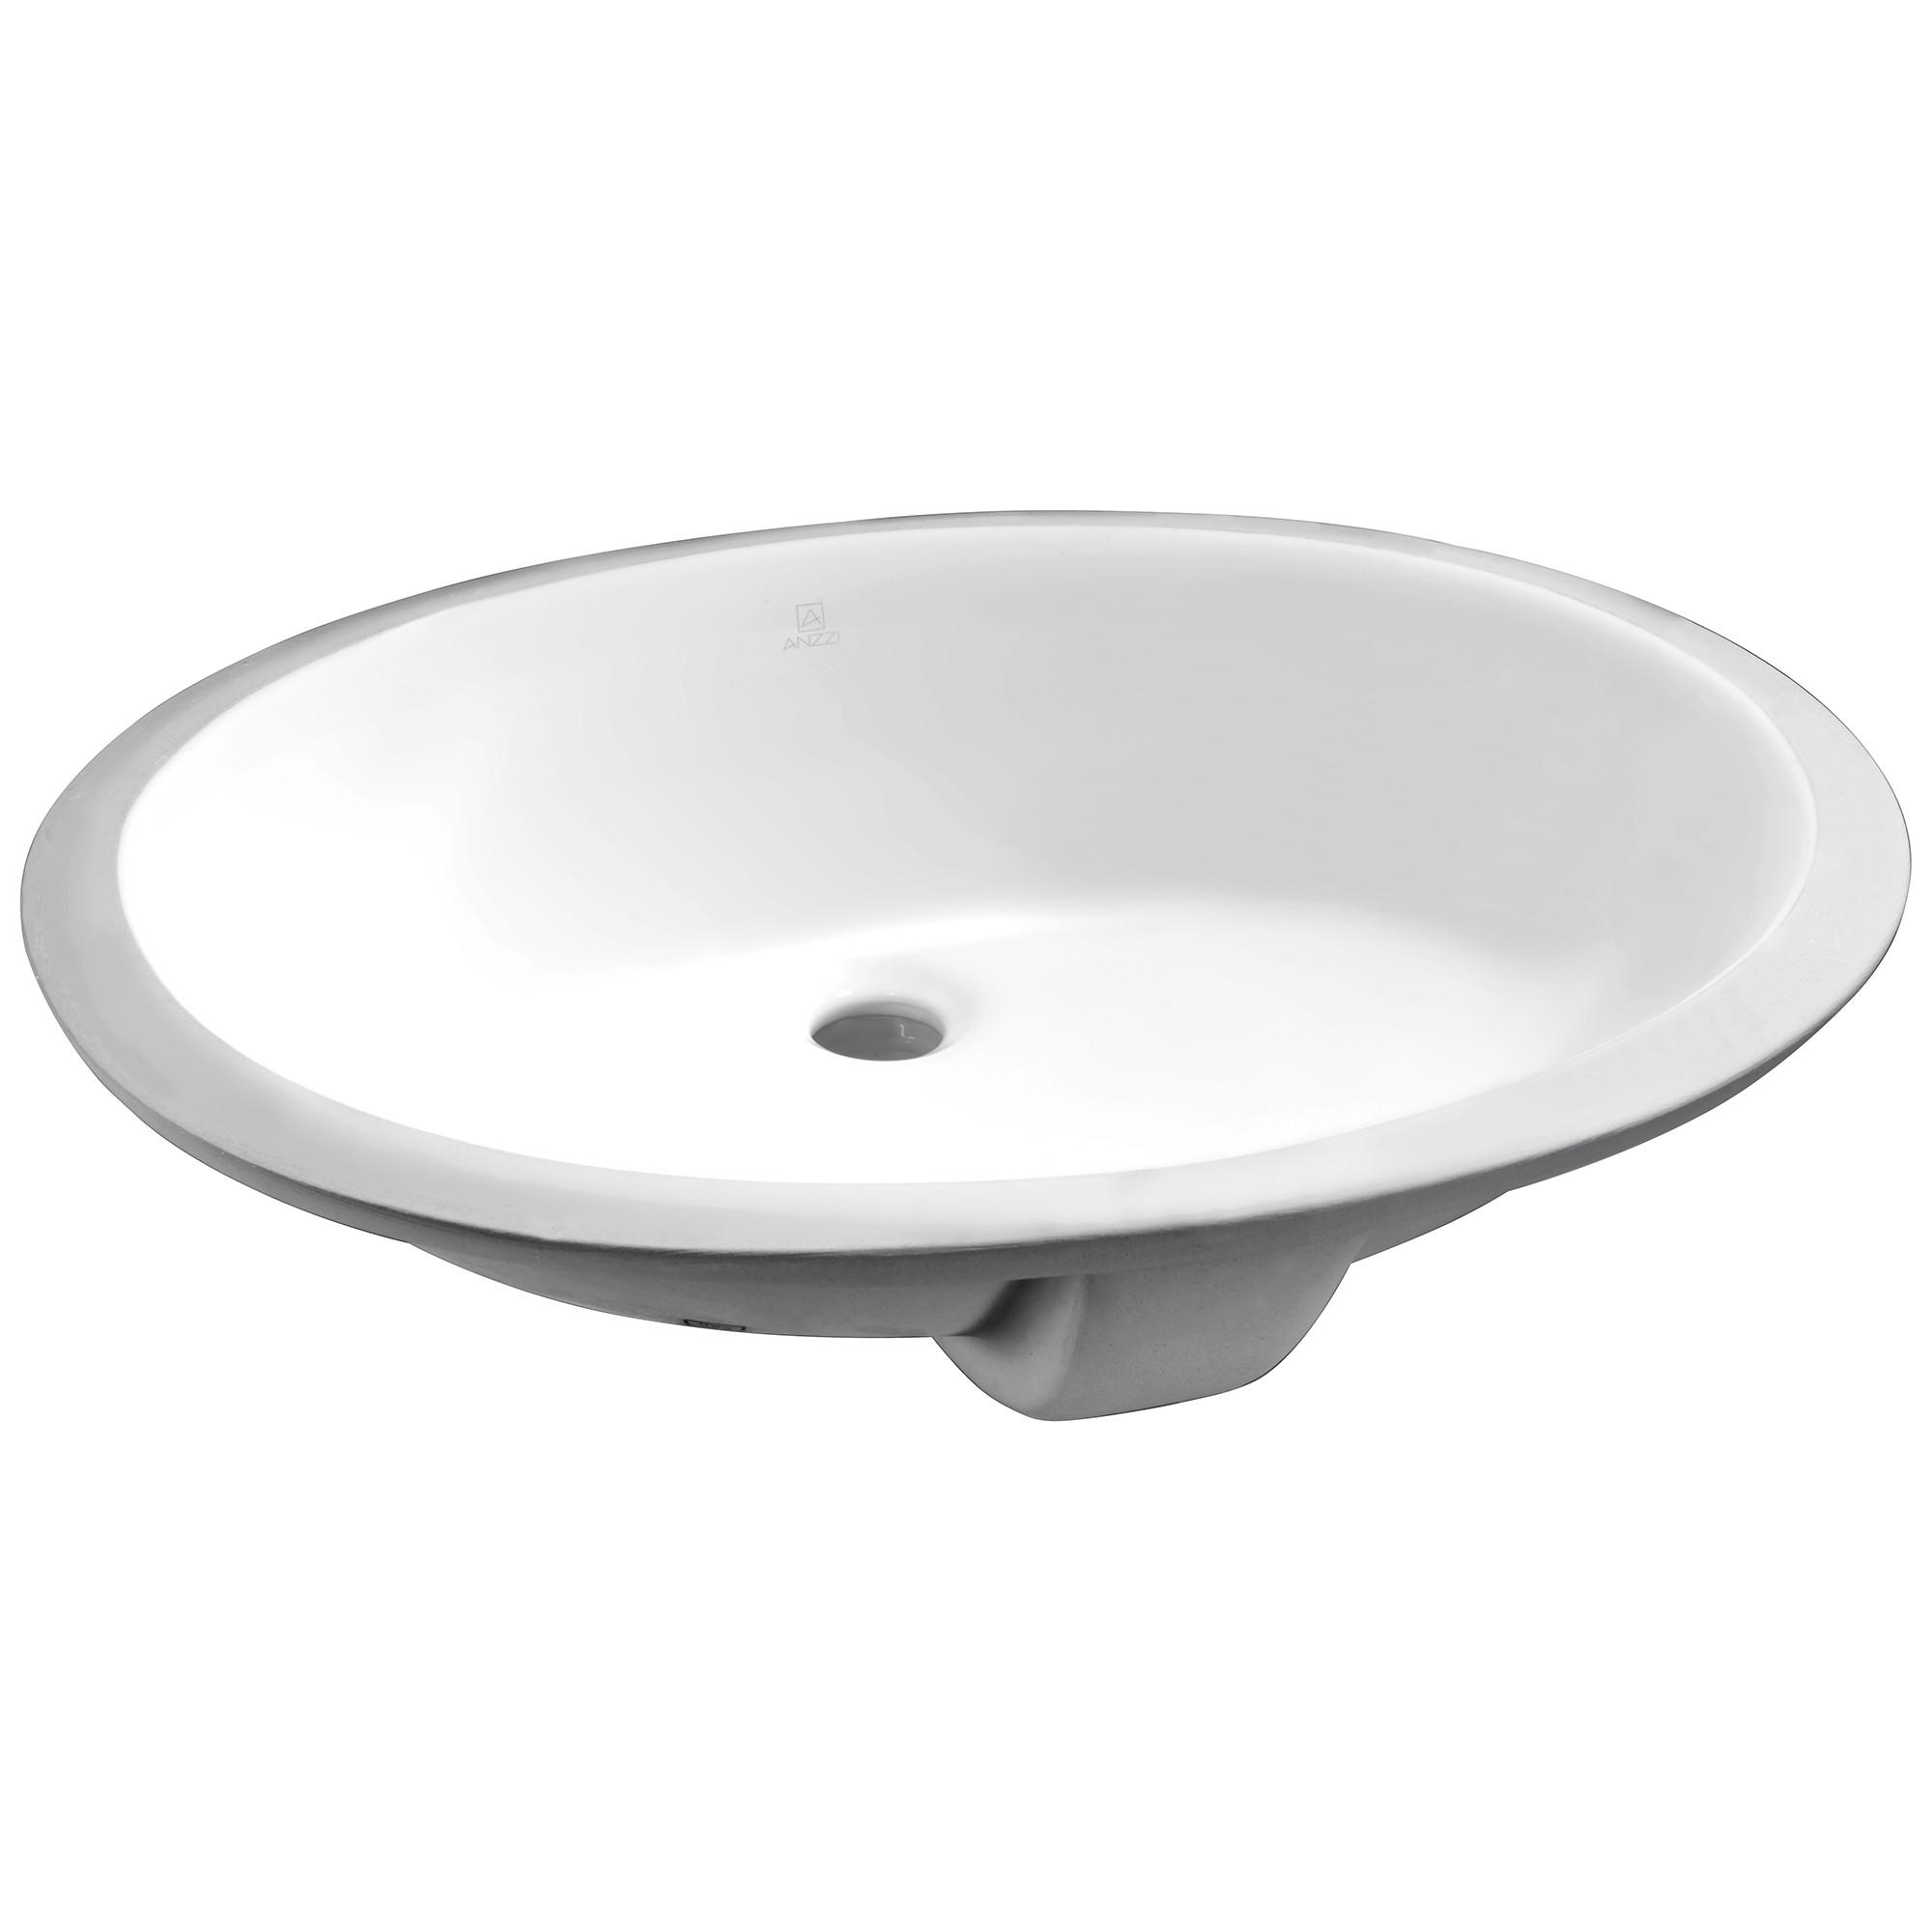 """ANZZI LS-AZ109 Rhodes Series 7.75"""" Ceramic Undermount Sink Basin In White"""